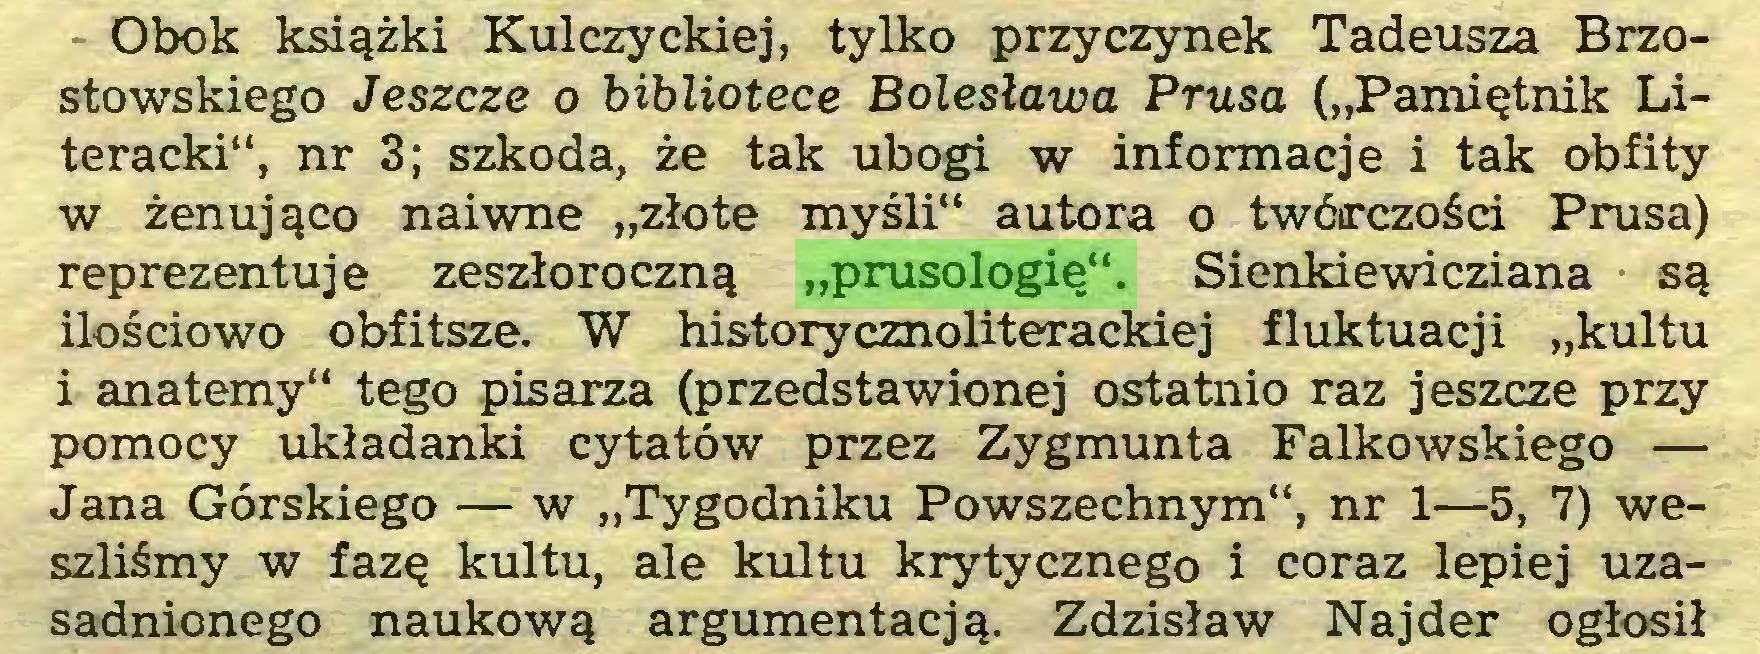 """(...) Obok książki Kulczyckiej, tylko przyczynek Tadeusza Brzostowskiego Jeszcze o bibliotece Bolesława Prusa (""""Pamiętnik Literacki"""", nr 3; szkoda, że tak ubogi w informacje i tak obfity w żenująco naiwne """"złote myśli"""" autora o twórczości Prusa) reprezentuje zeszłoroczną """"prusologię"""". Sienkiewicziana są ilościowo obfitsze. W historycznoliterackiej fluktuacji """"kultu i anatemy"""" tego pisarza (przedstawionej ostatnio raz jeszcze przy pomocy układanki cytatów przez Zygmunta Falkowskiego — Jana Górskiego — w """"Tygodniku Powszechnym"""", nr 1—5, 7) weszliśmy w fazę kultu, ale kultu krytycznego i coraz lepiej uzasadnionego naukową argumentacją. Zdzisław Najder ogłosił..."""